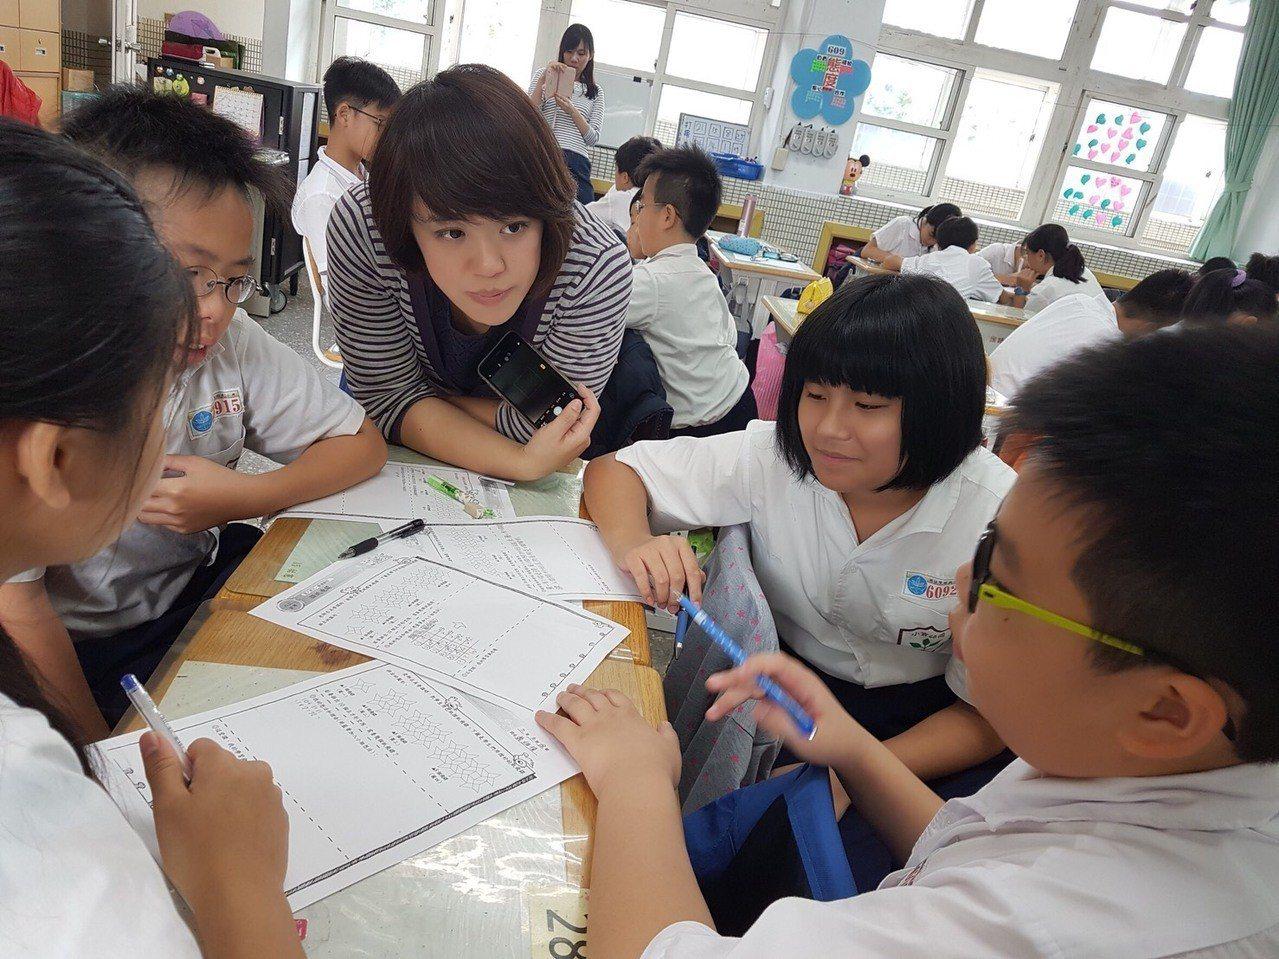 董毓琳雖為大學財金系出身,但她因喜愛和孩子相處,轉考教師。圖/董毓琳提供